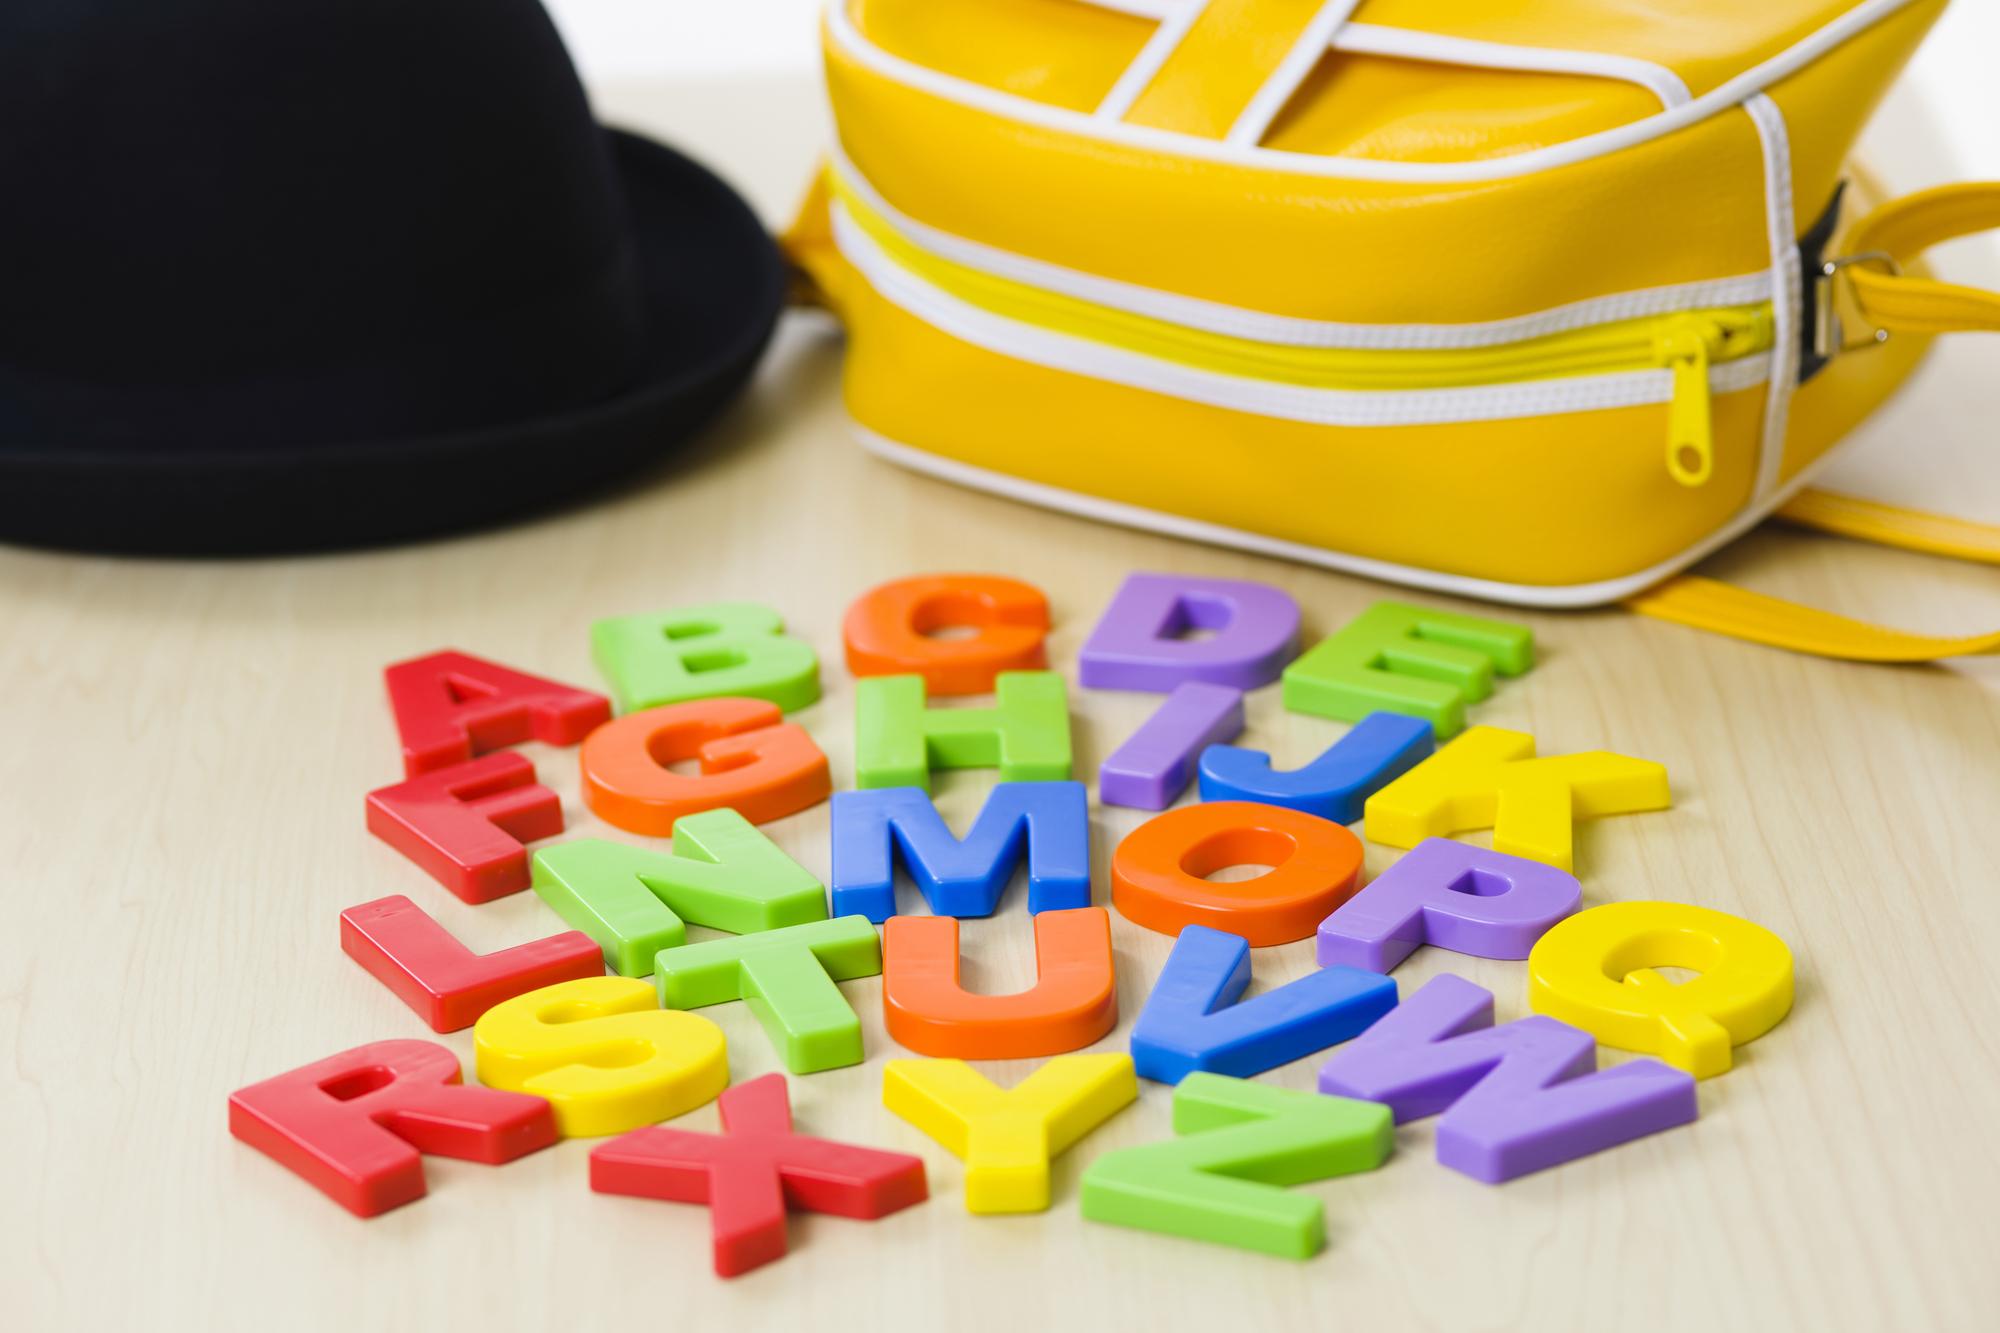 カラフルなアルファベットのブロック